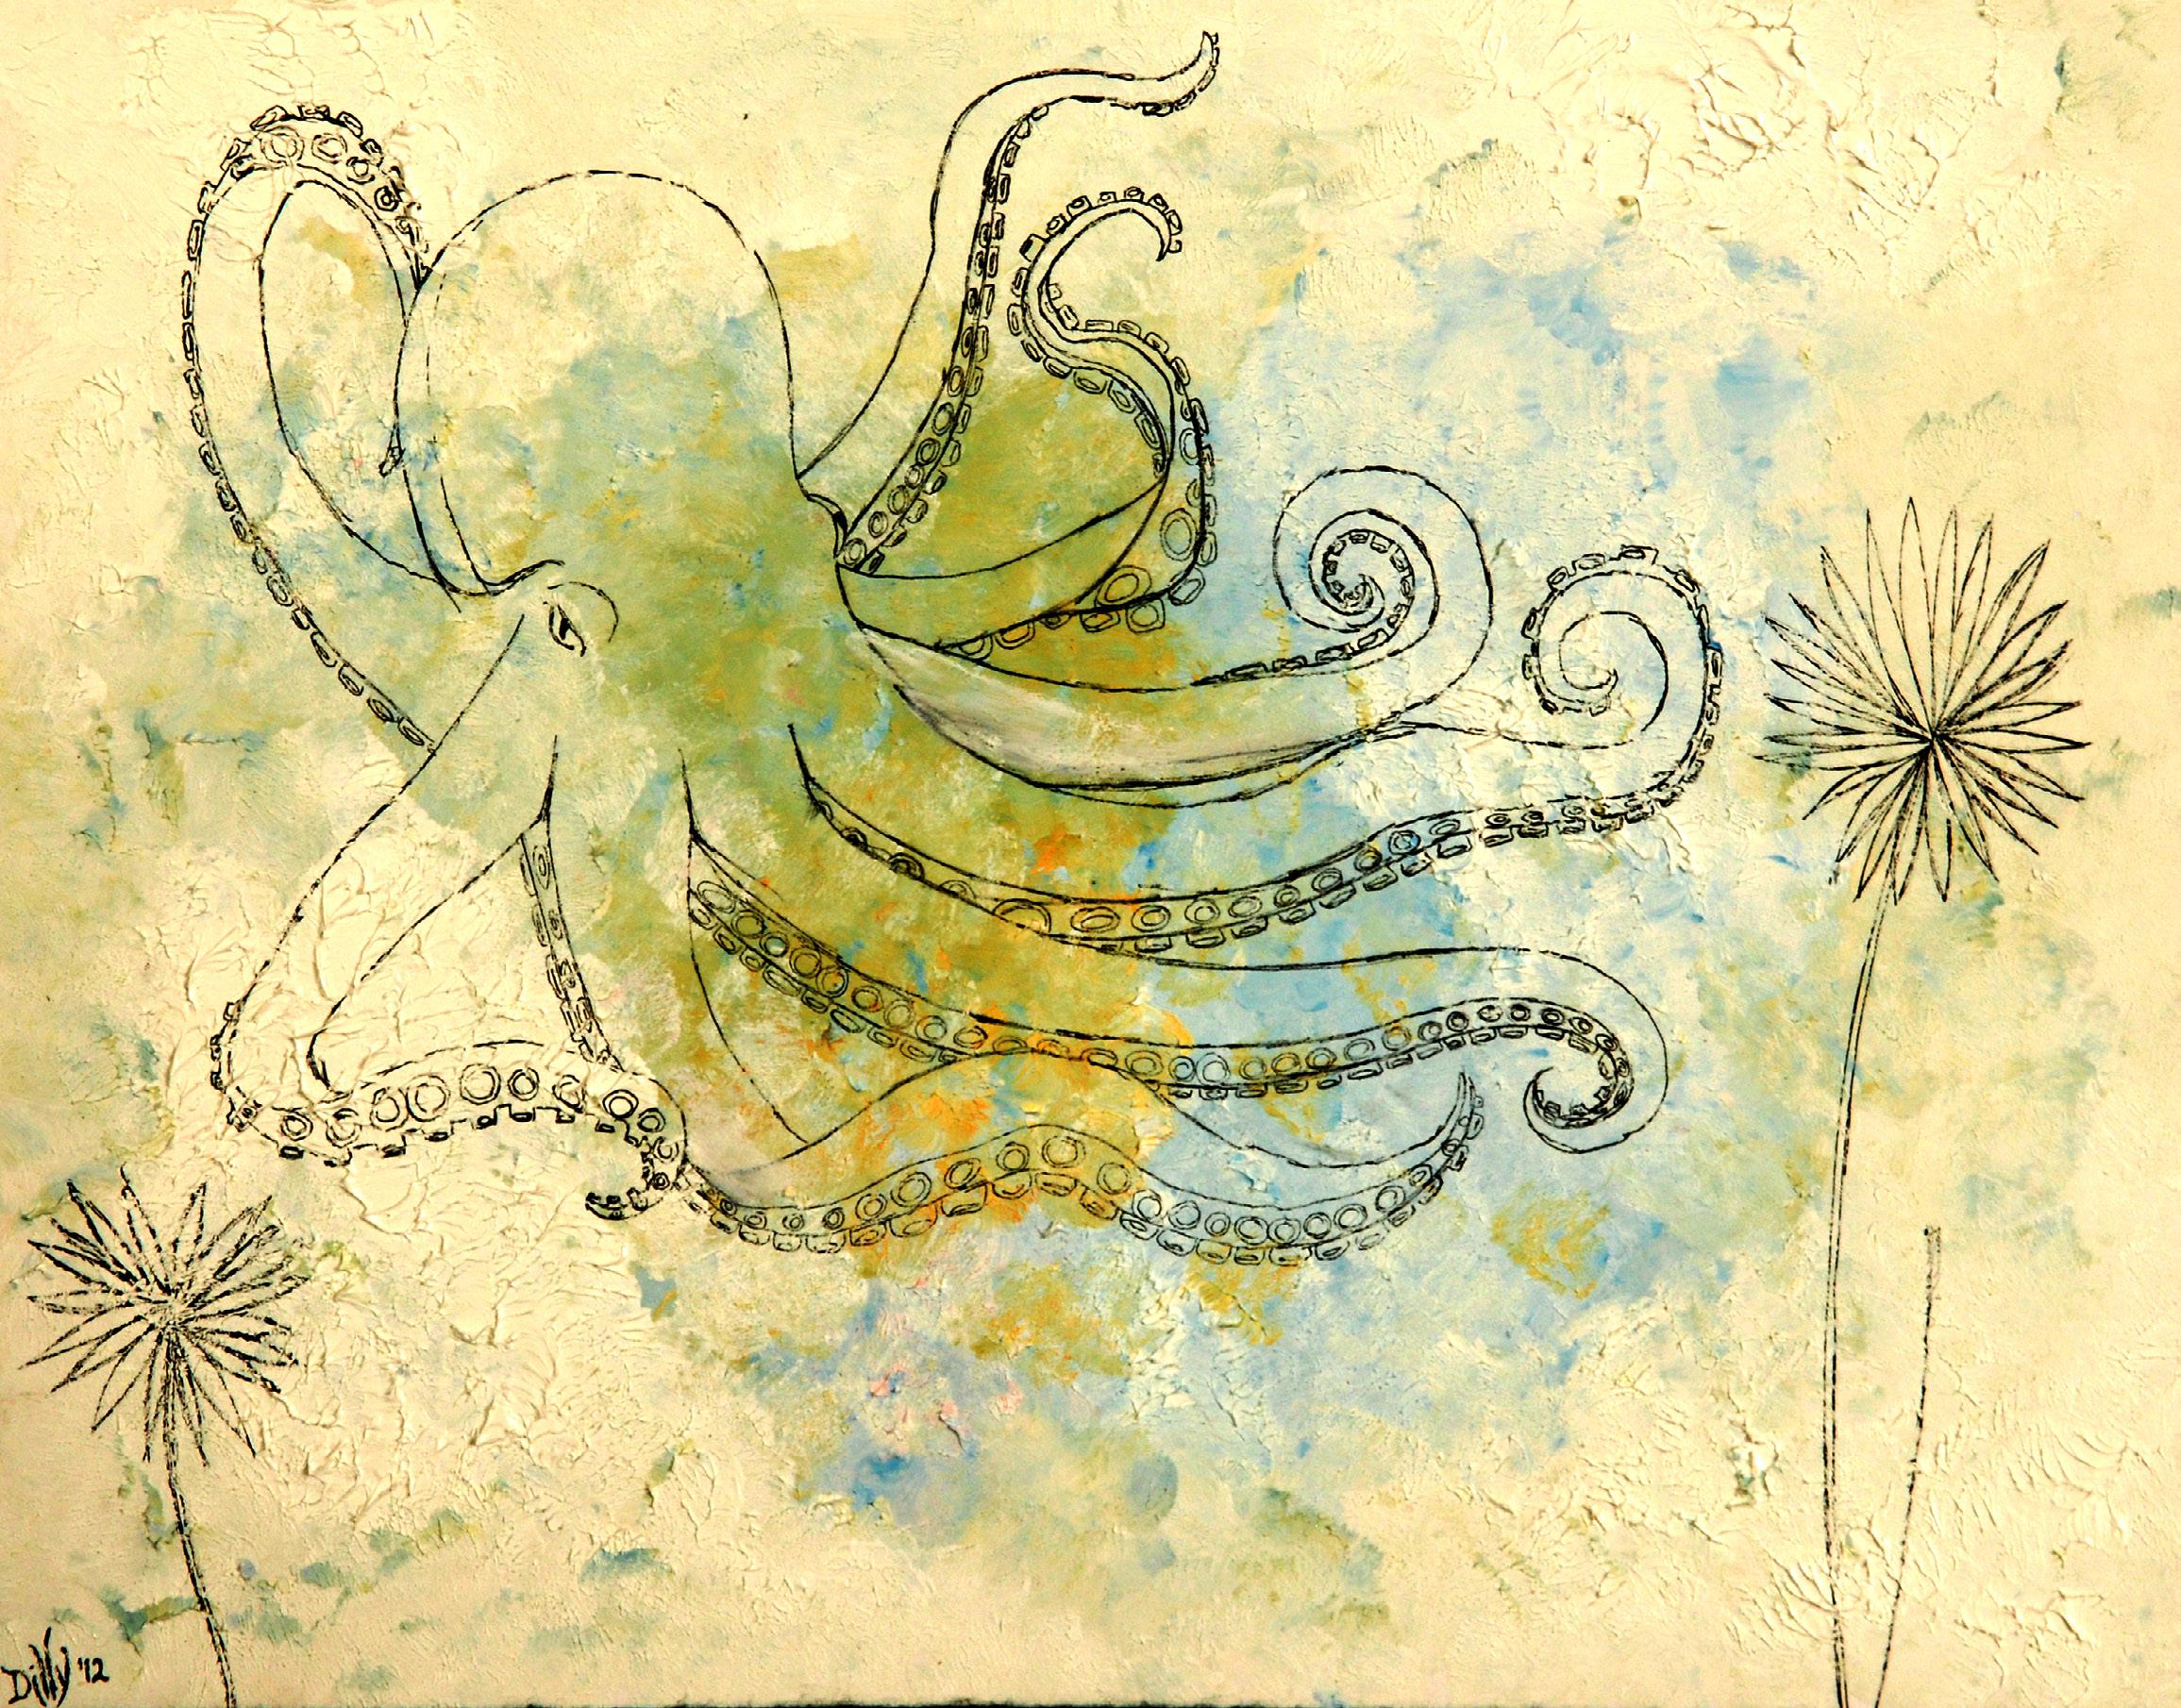 Octopus's Garden (watercolor, ink) - Dilly Sanborn-Marsh